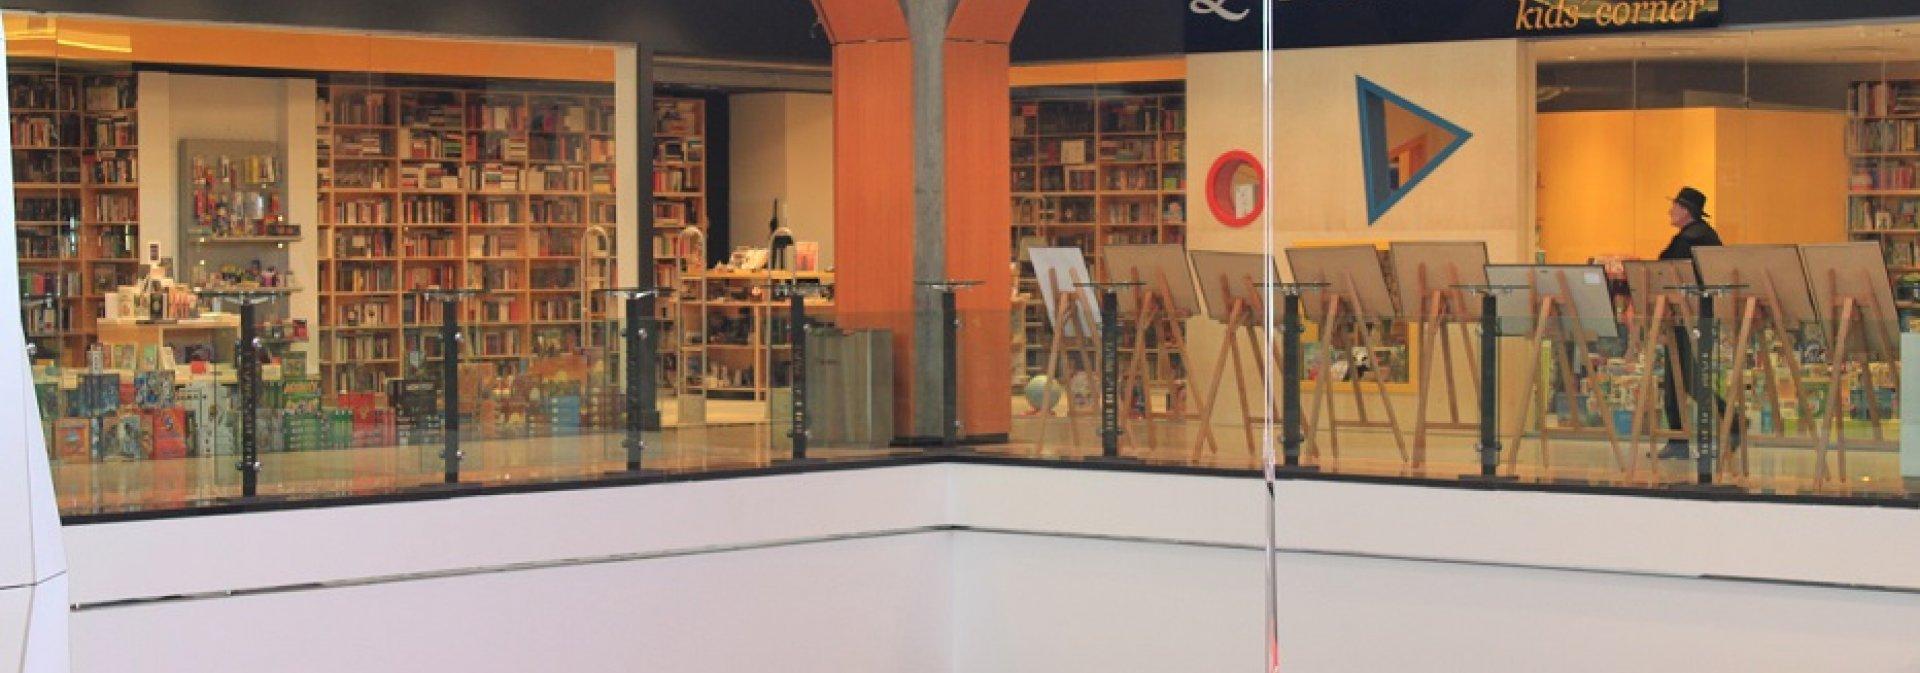 Librarium, Iași